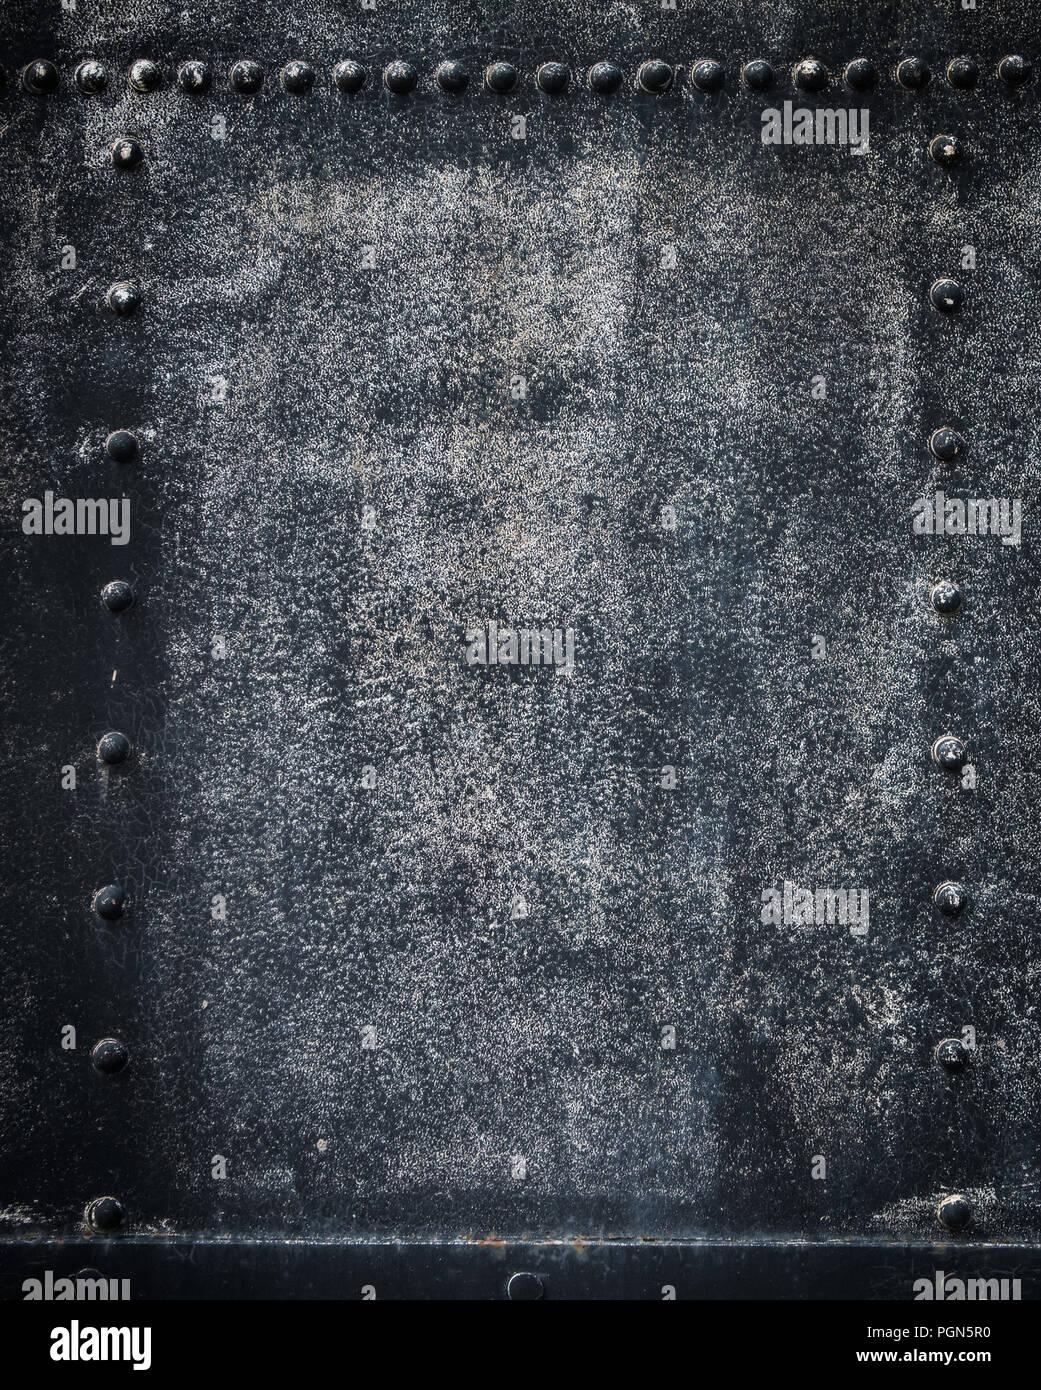 sehr detaillierte Grunge Metall Hintergrund Stockbild